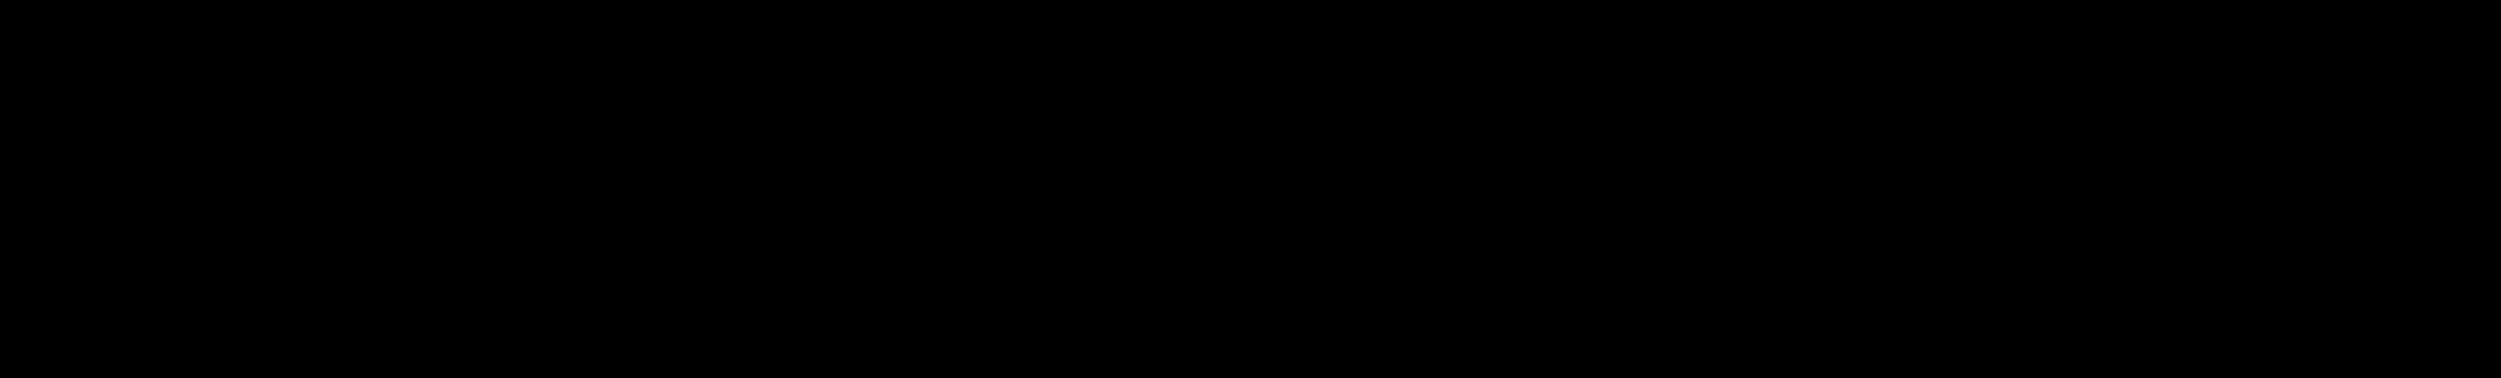 Adspert black logo